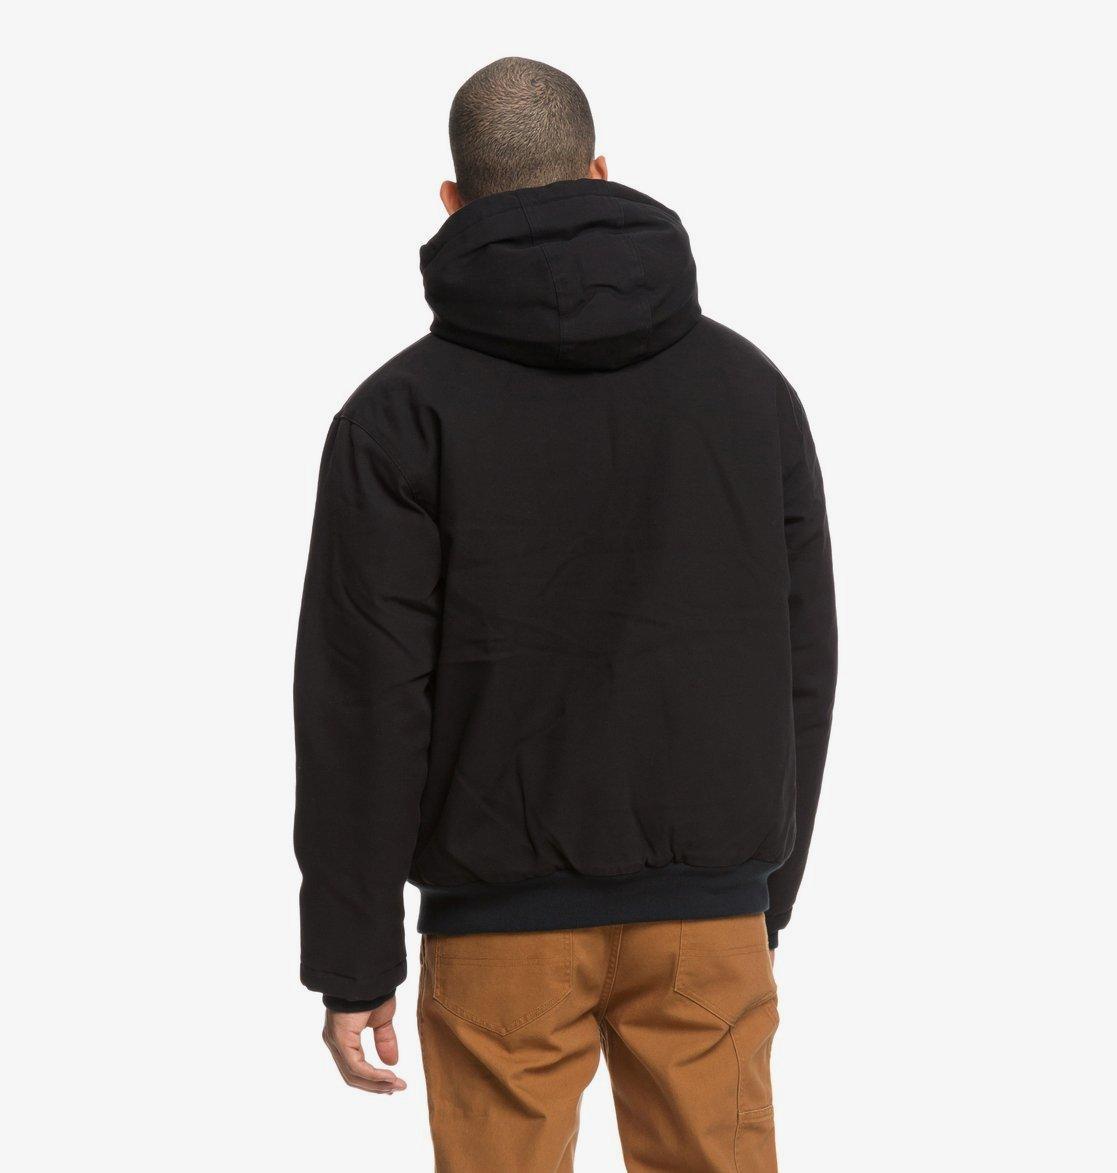 bien baratas estilo de moda online Brandling - Chaqueta resistente al agua con capucha para Hombre